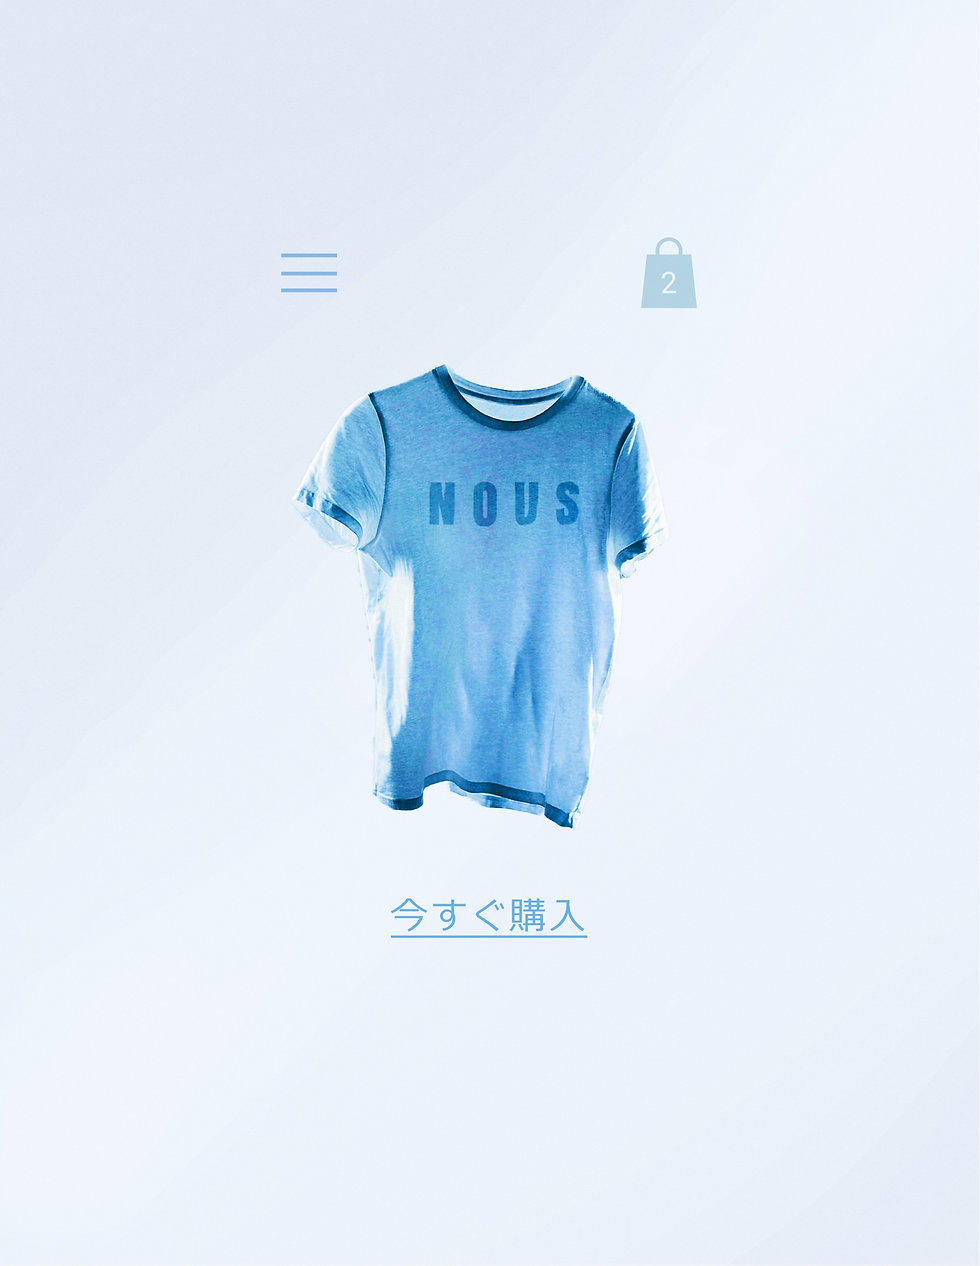 ショッピングカートとメニューアイコンと「今すぐ注文」ボタンが付いた Wix の e コマースストア(ECサイト)で販売されている「Nous」の文字が入ったブルーのTシャツ